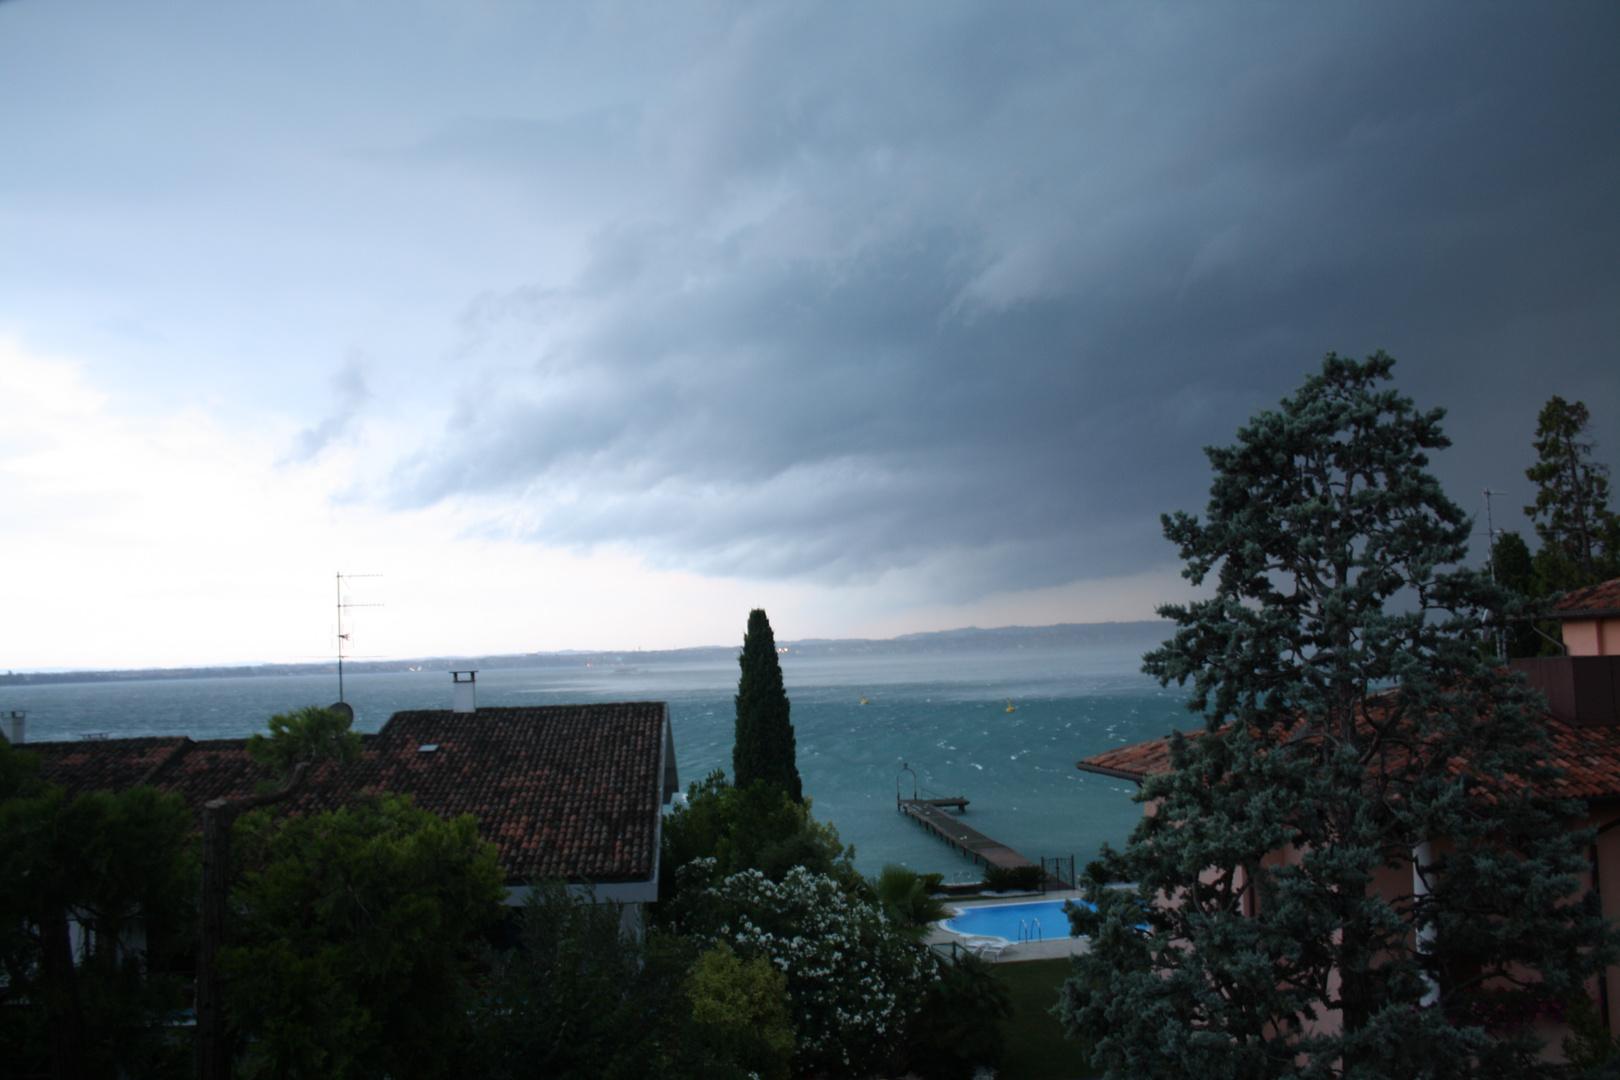 Das Unwetter über dem Lago di Garda wütet los ...